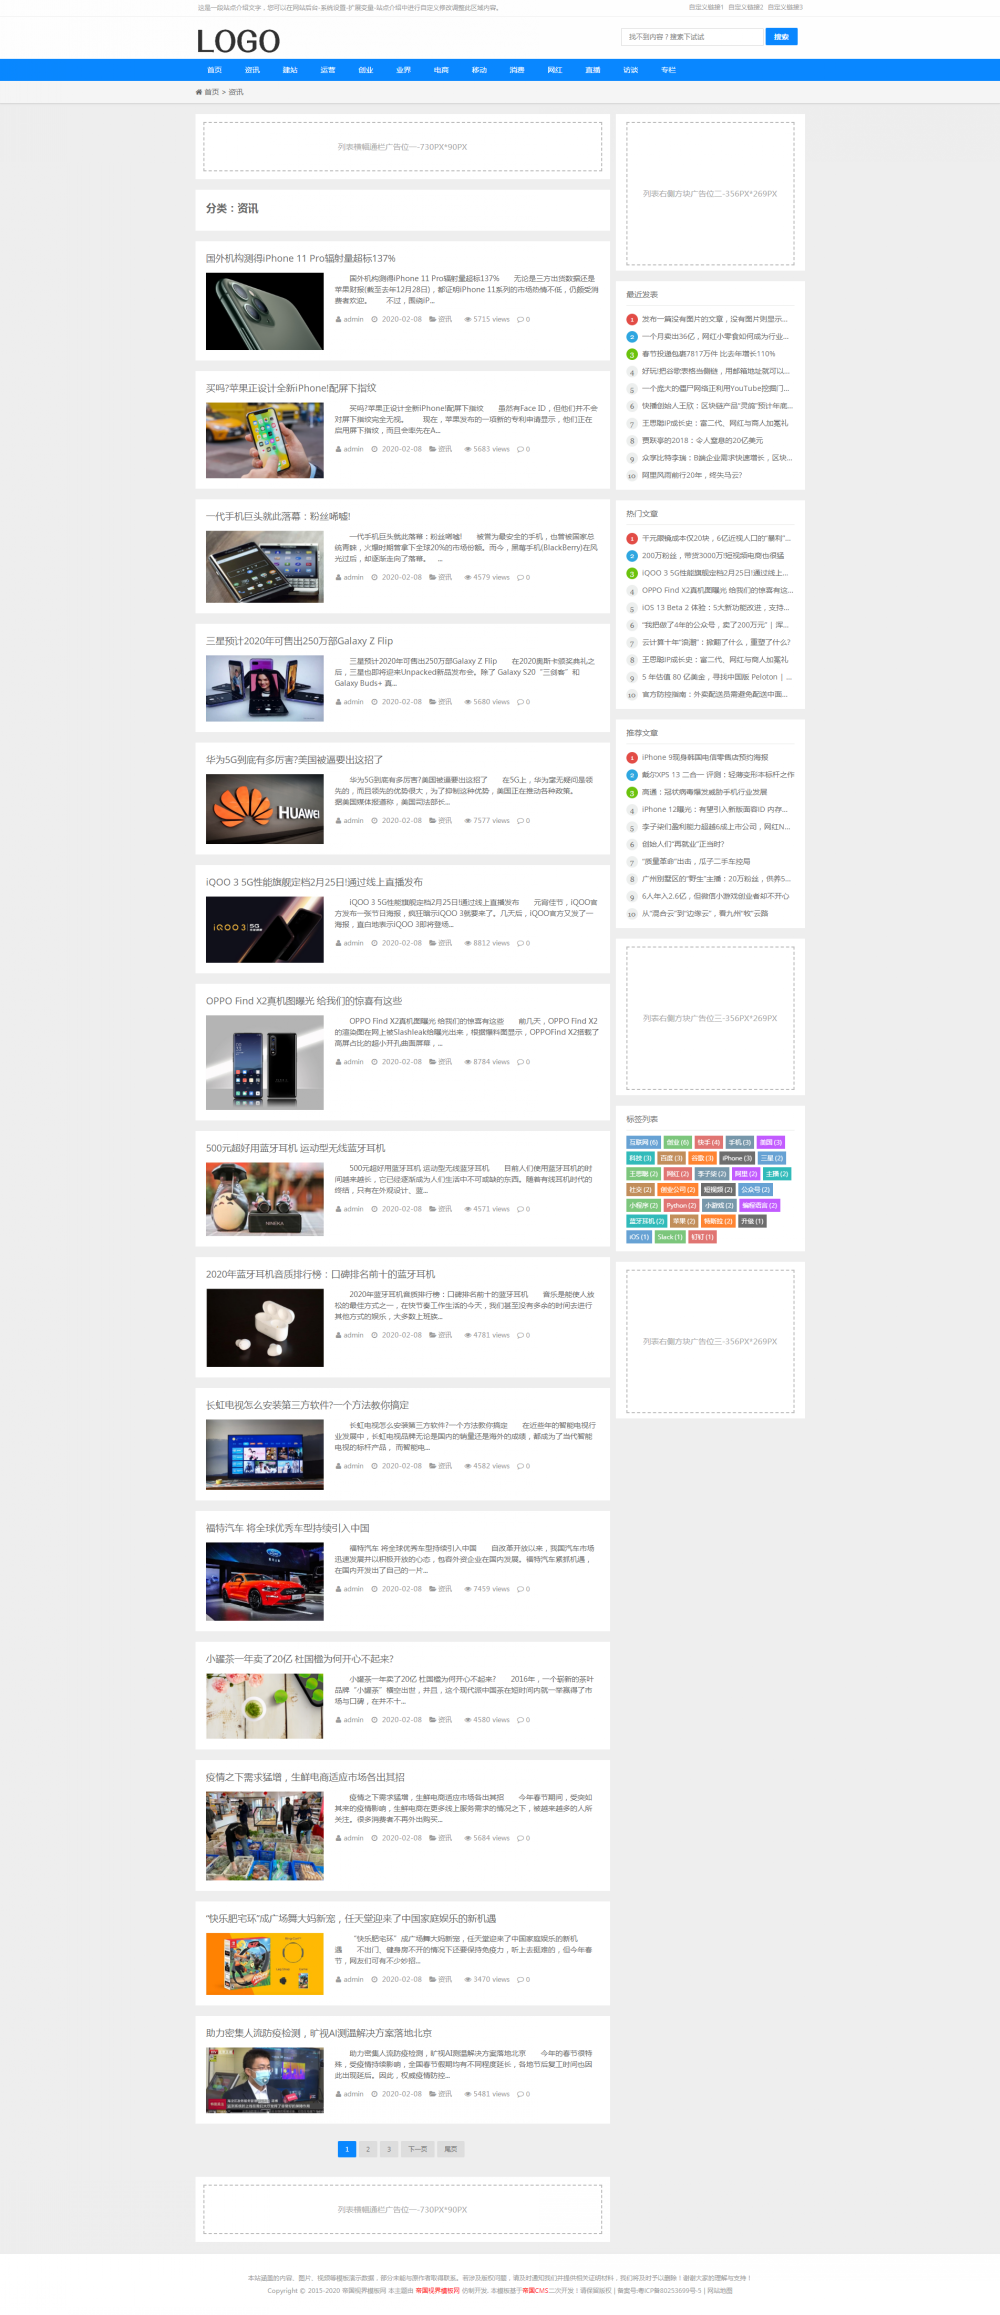 [DG-074]帝国CMS蓝色新闻资讯文章博客模板(百度MIP专版) [DG-074]帝国CMS蓝色新闻资讯文章博客模板(百度MIP专版) 新闻资讯 第2张